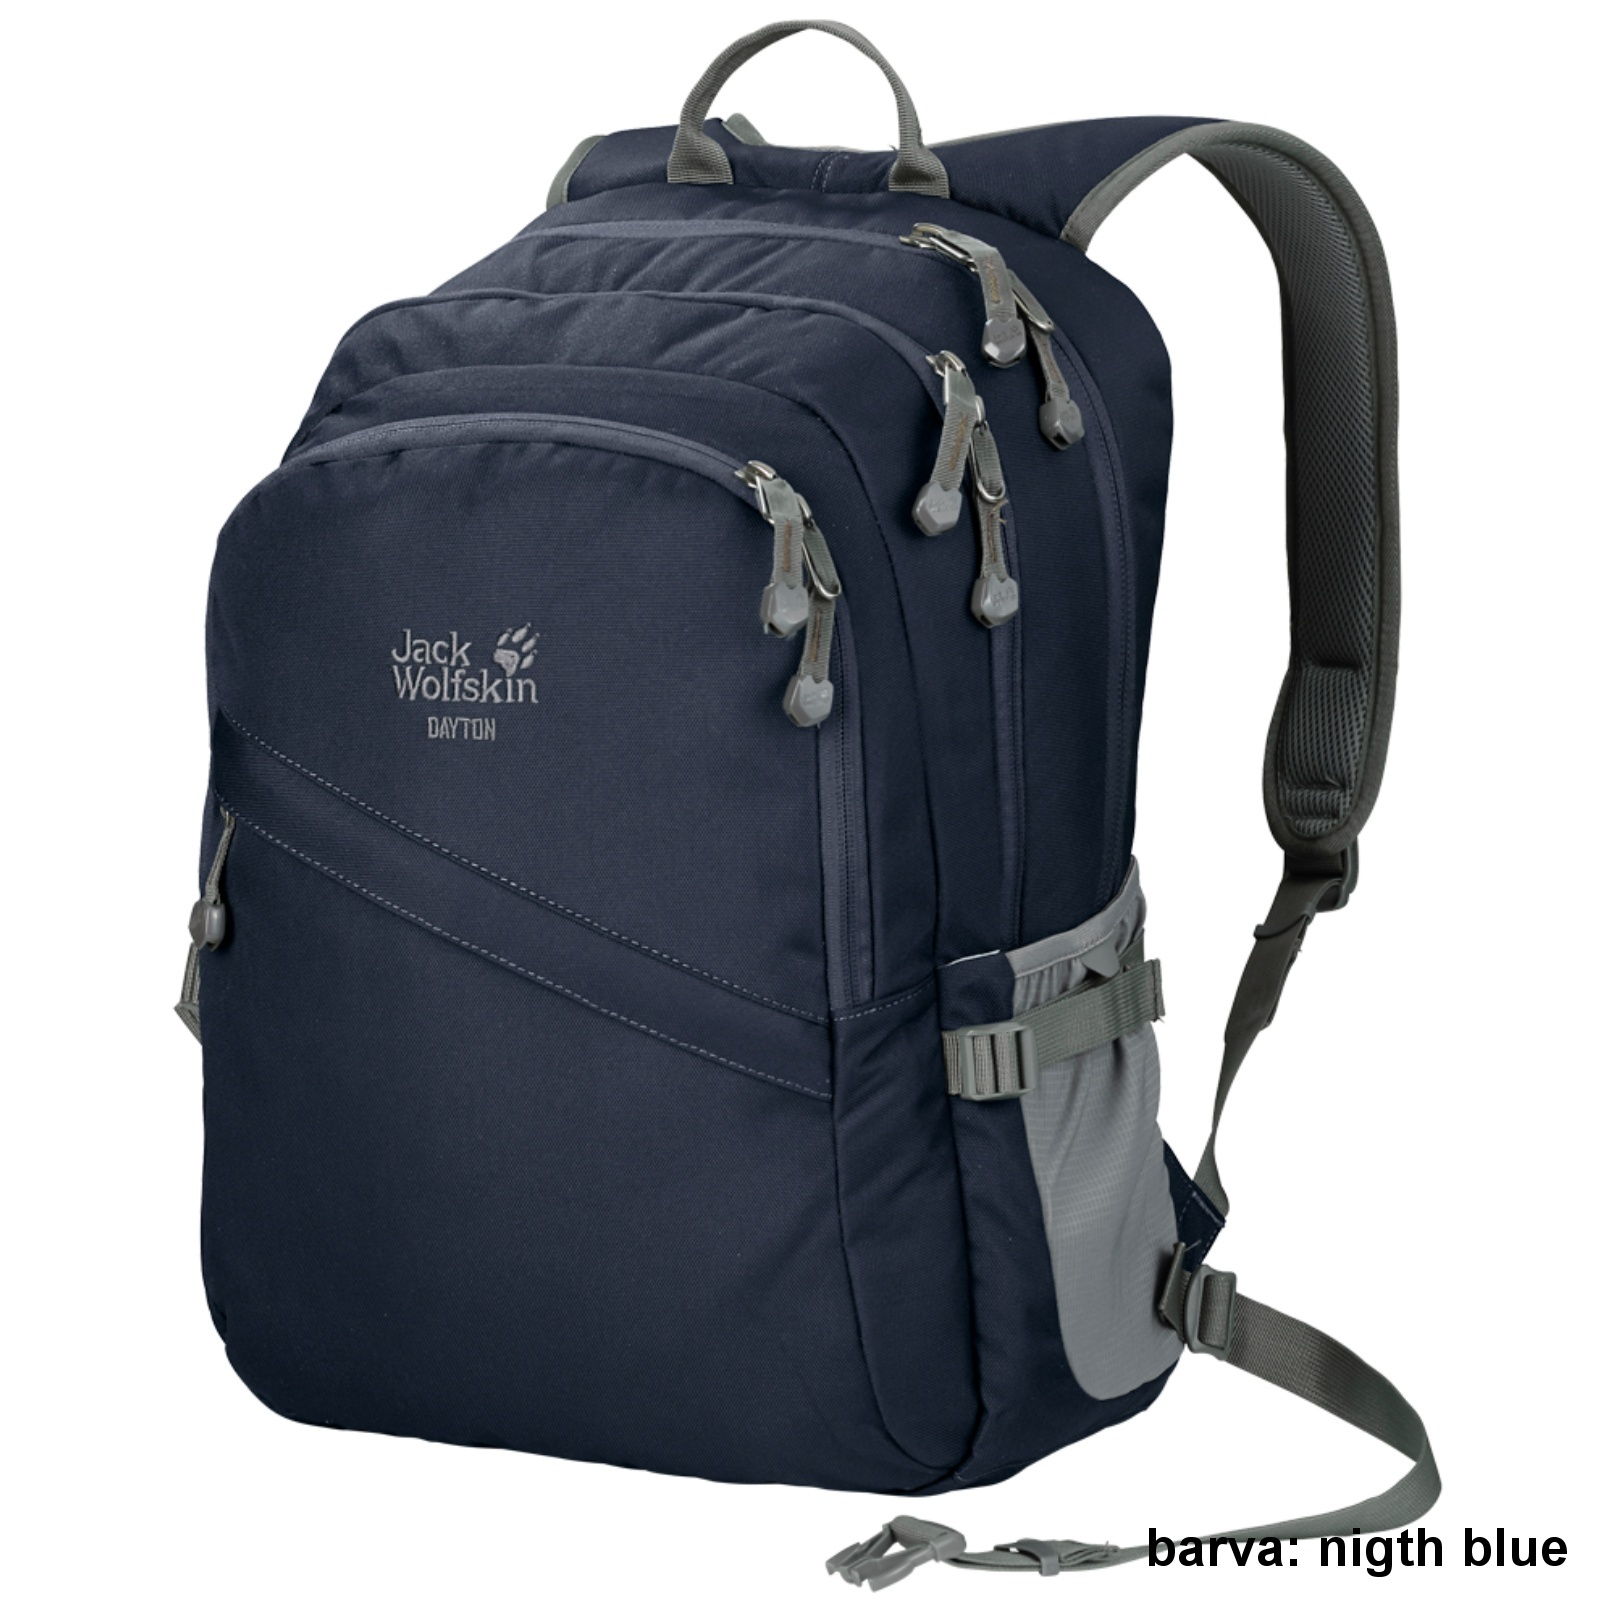 Městský batoh JACK WOLFSKIN Dayton 28 l - tmavě modrý